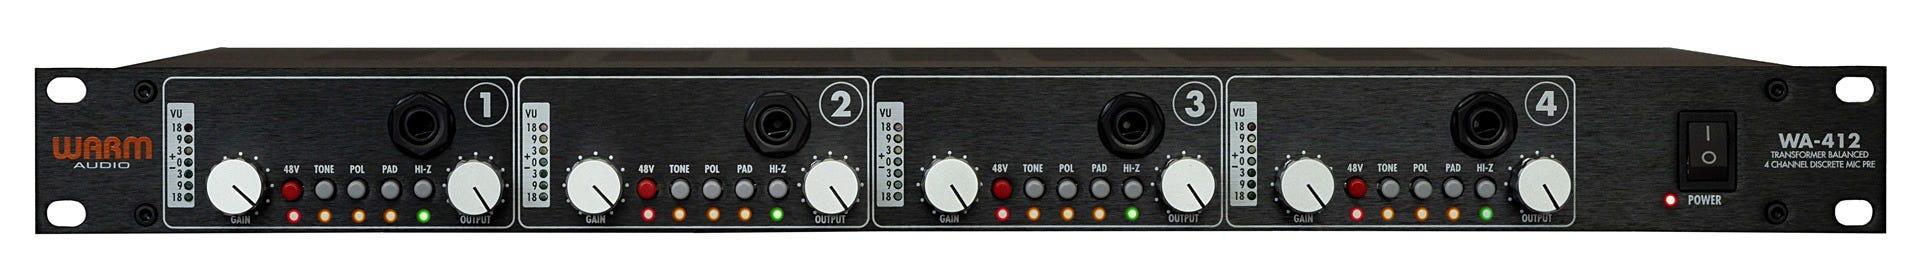 Warm Audio WA-412 Four Channel Mic Preamp